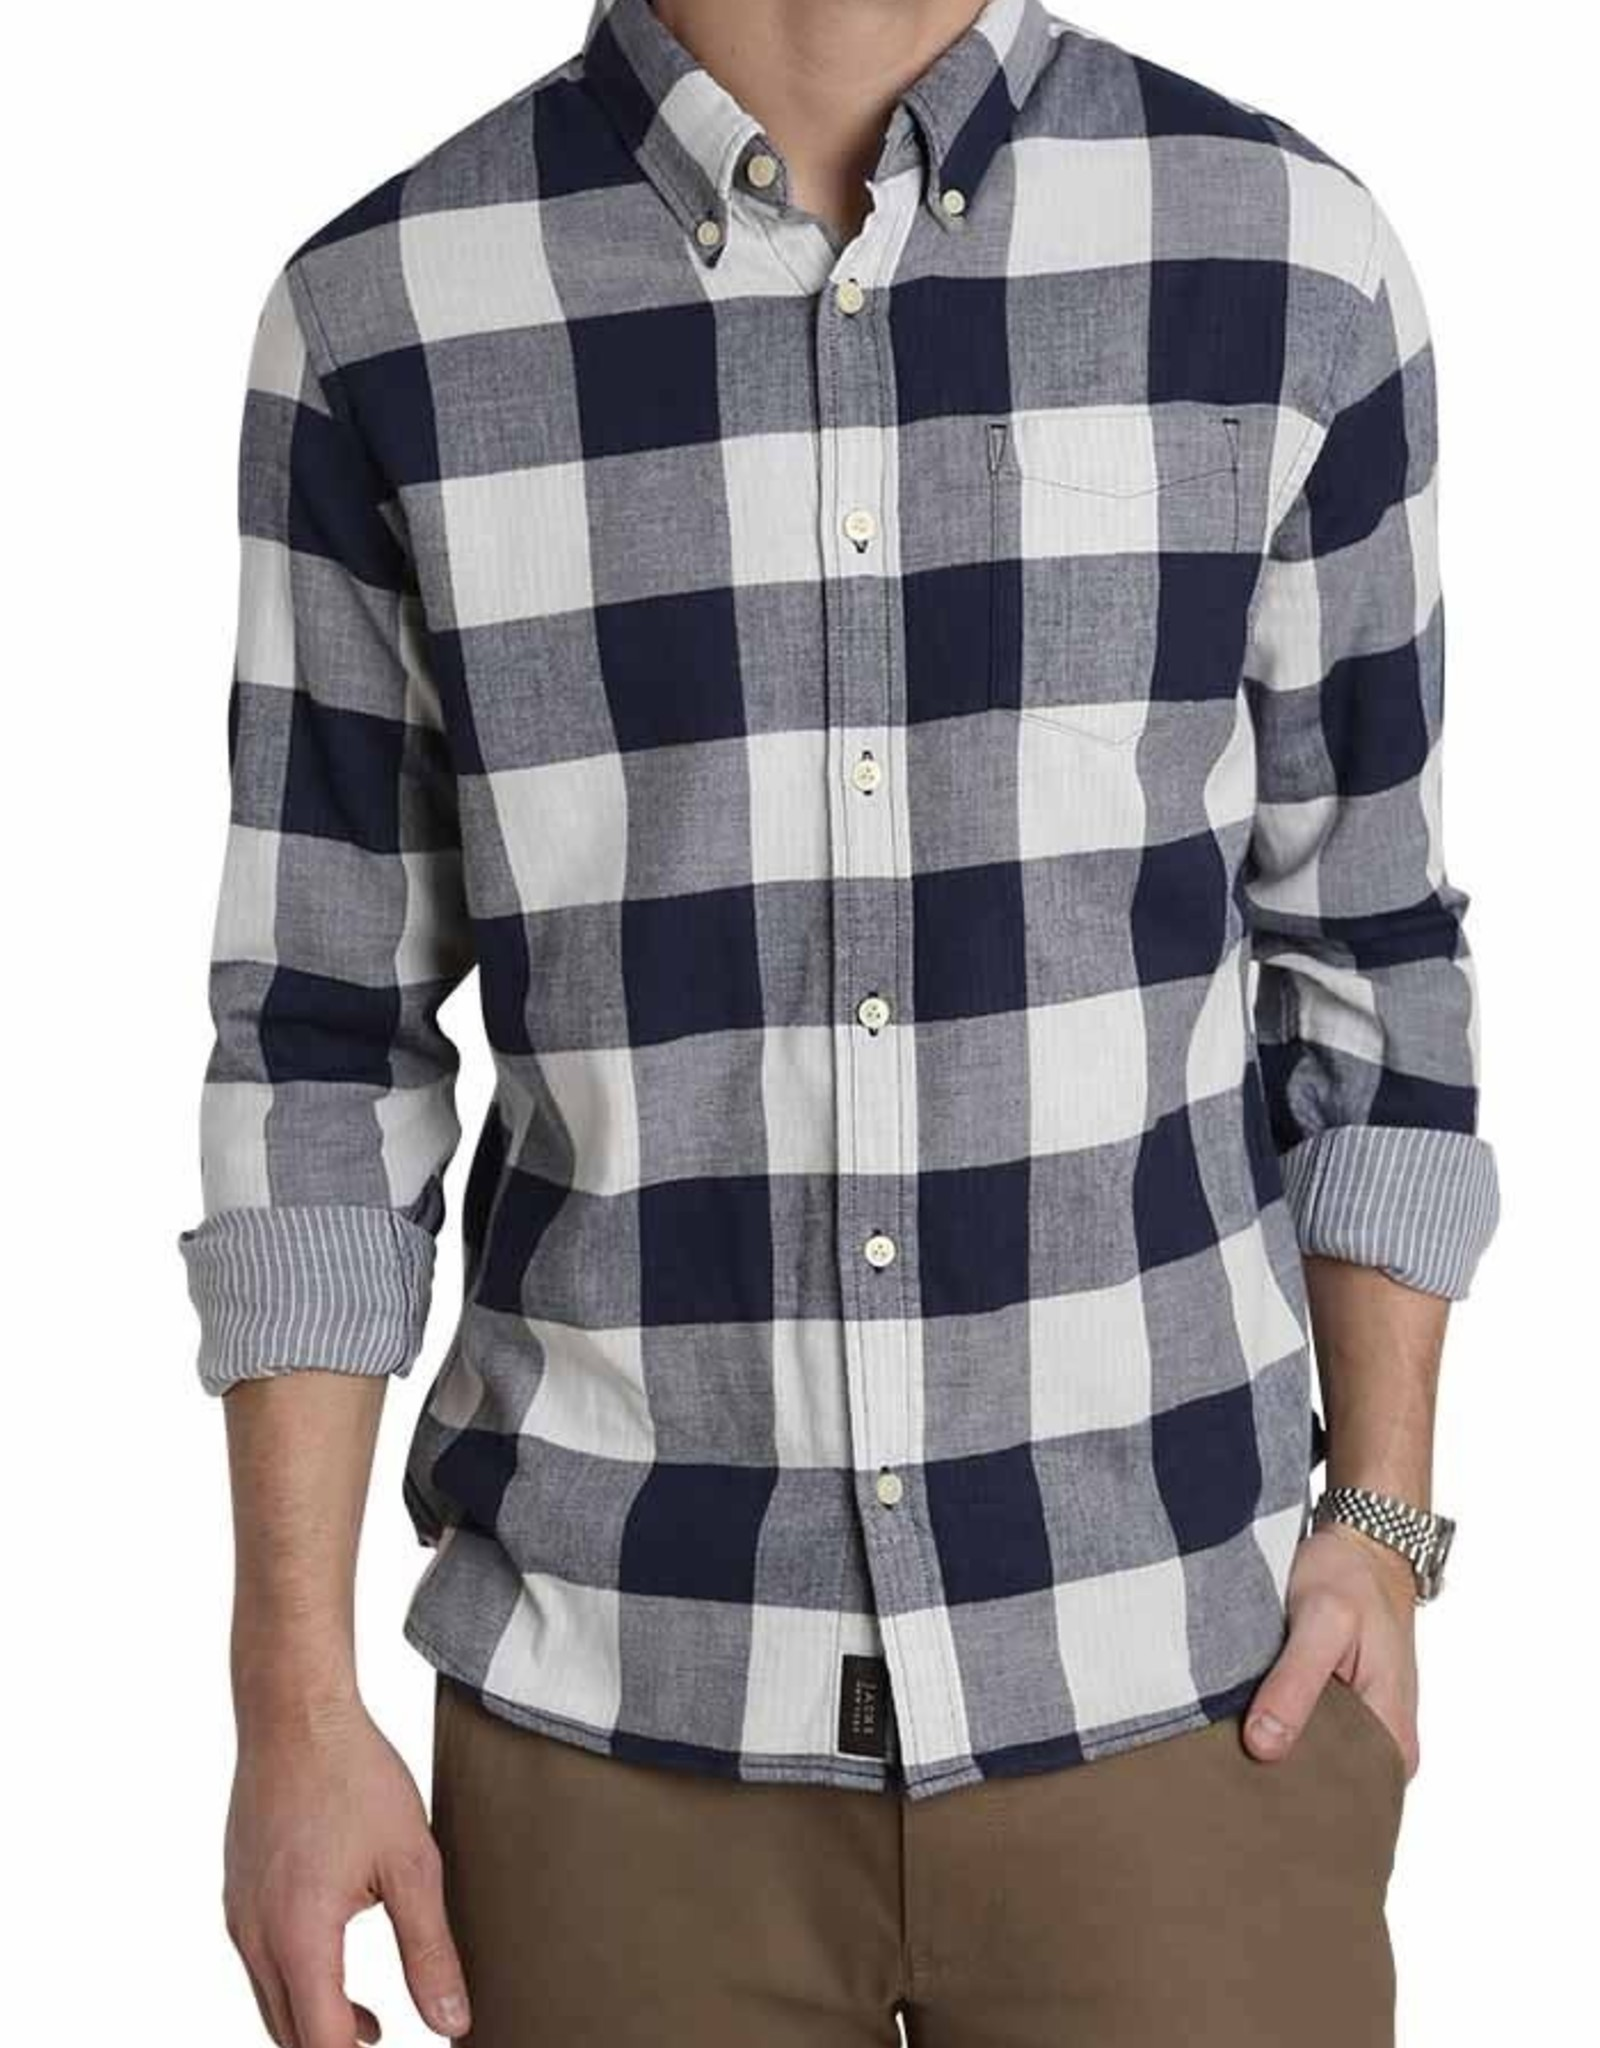 Jachs Stretch Double Face Plaid Shirt